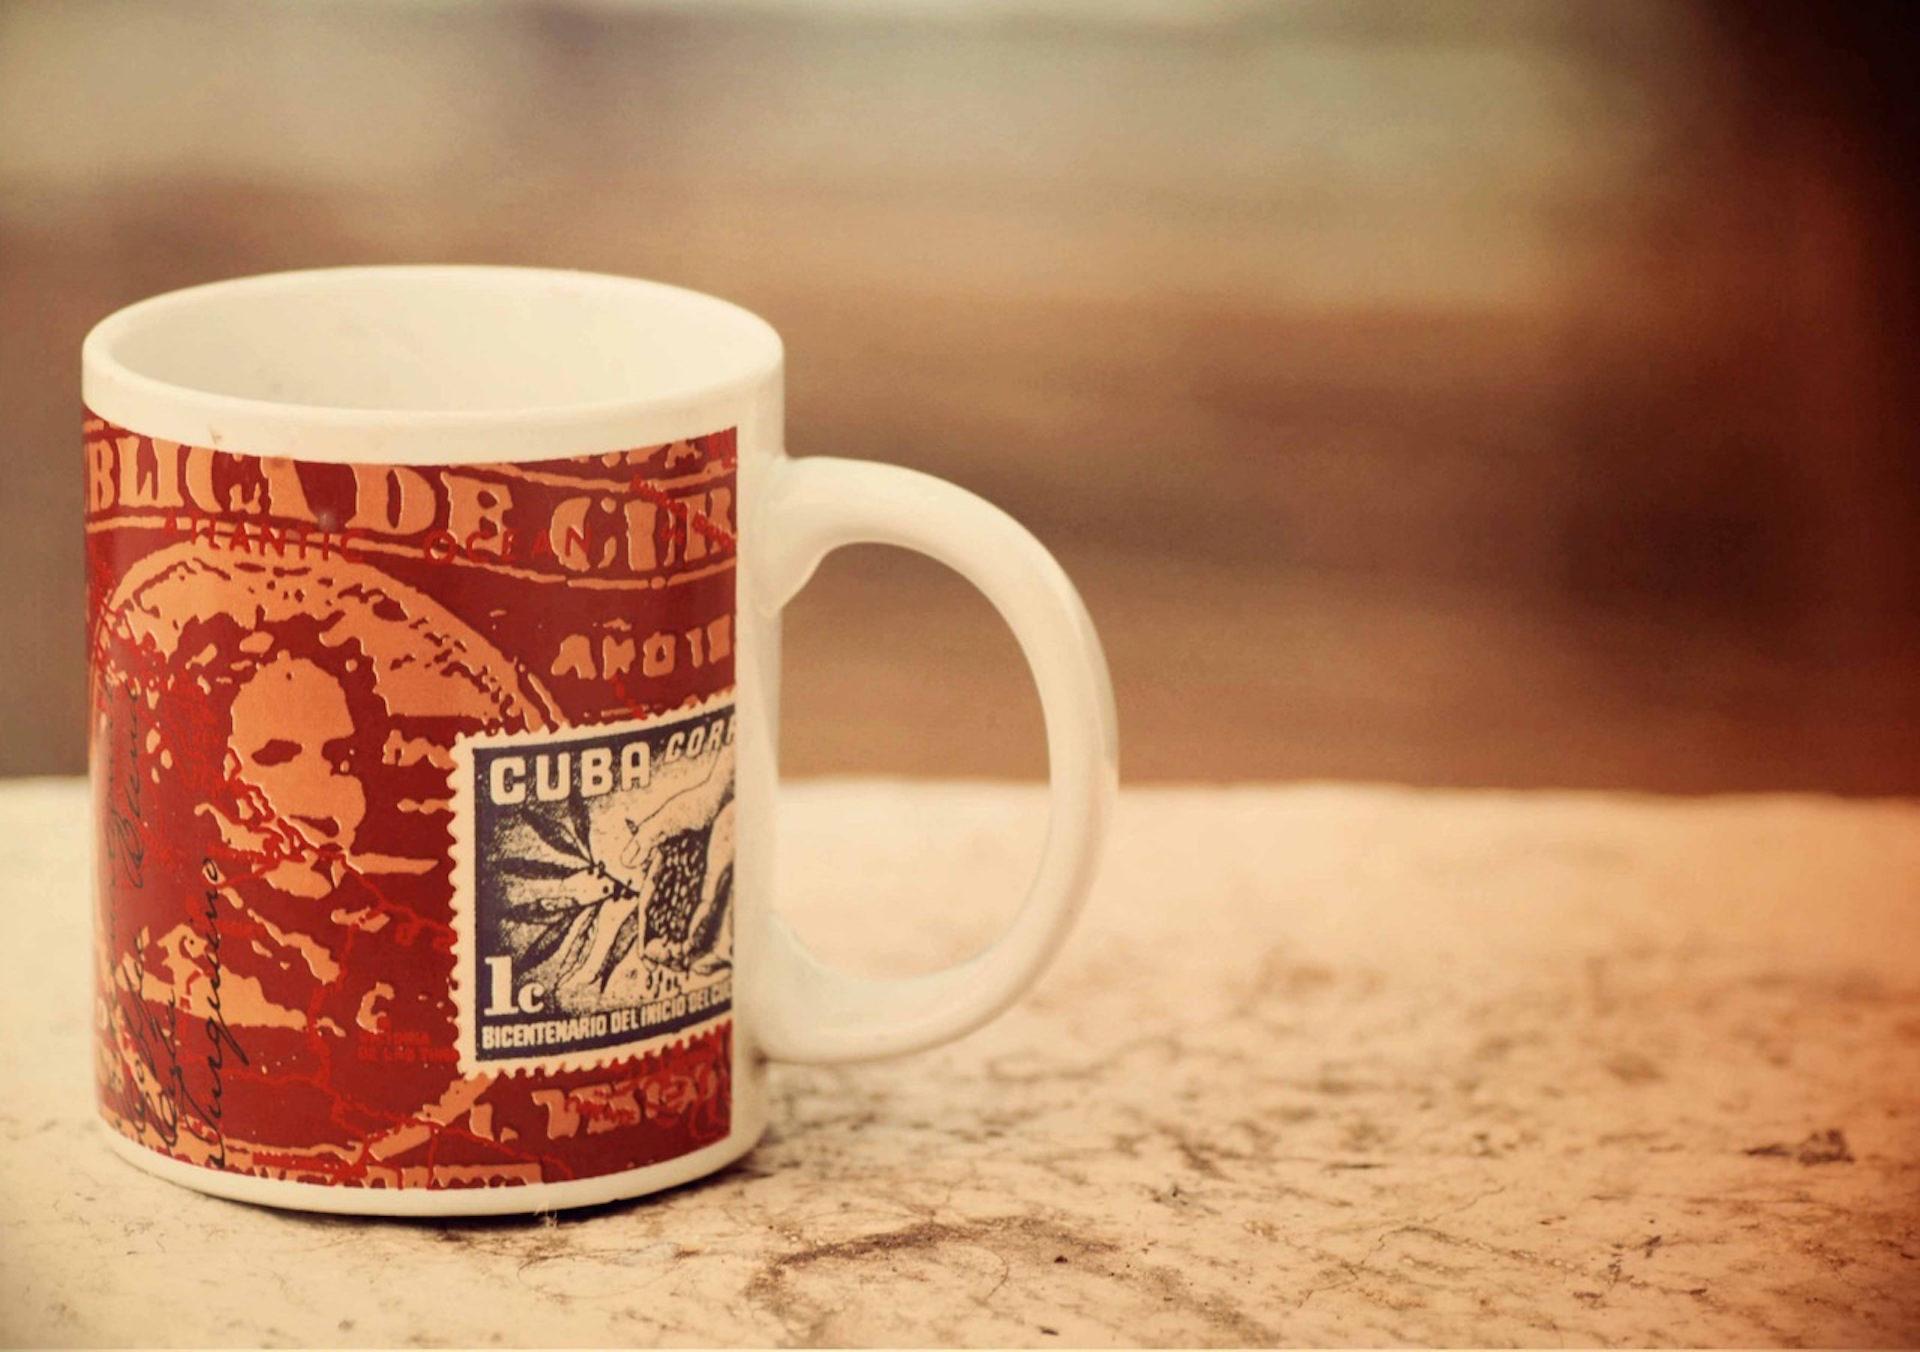 Кубок, Завтрак, Печать, Куба, Помню - Обои HD - Профессор falken.com